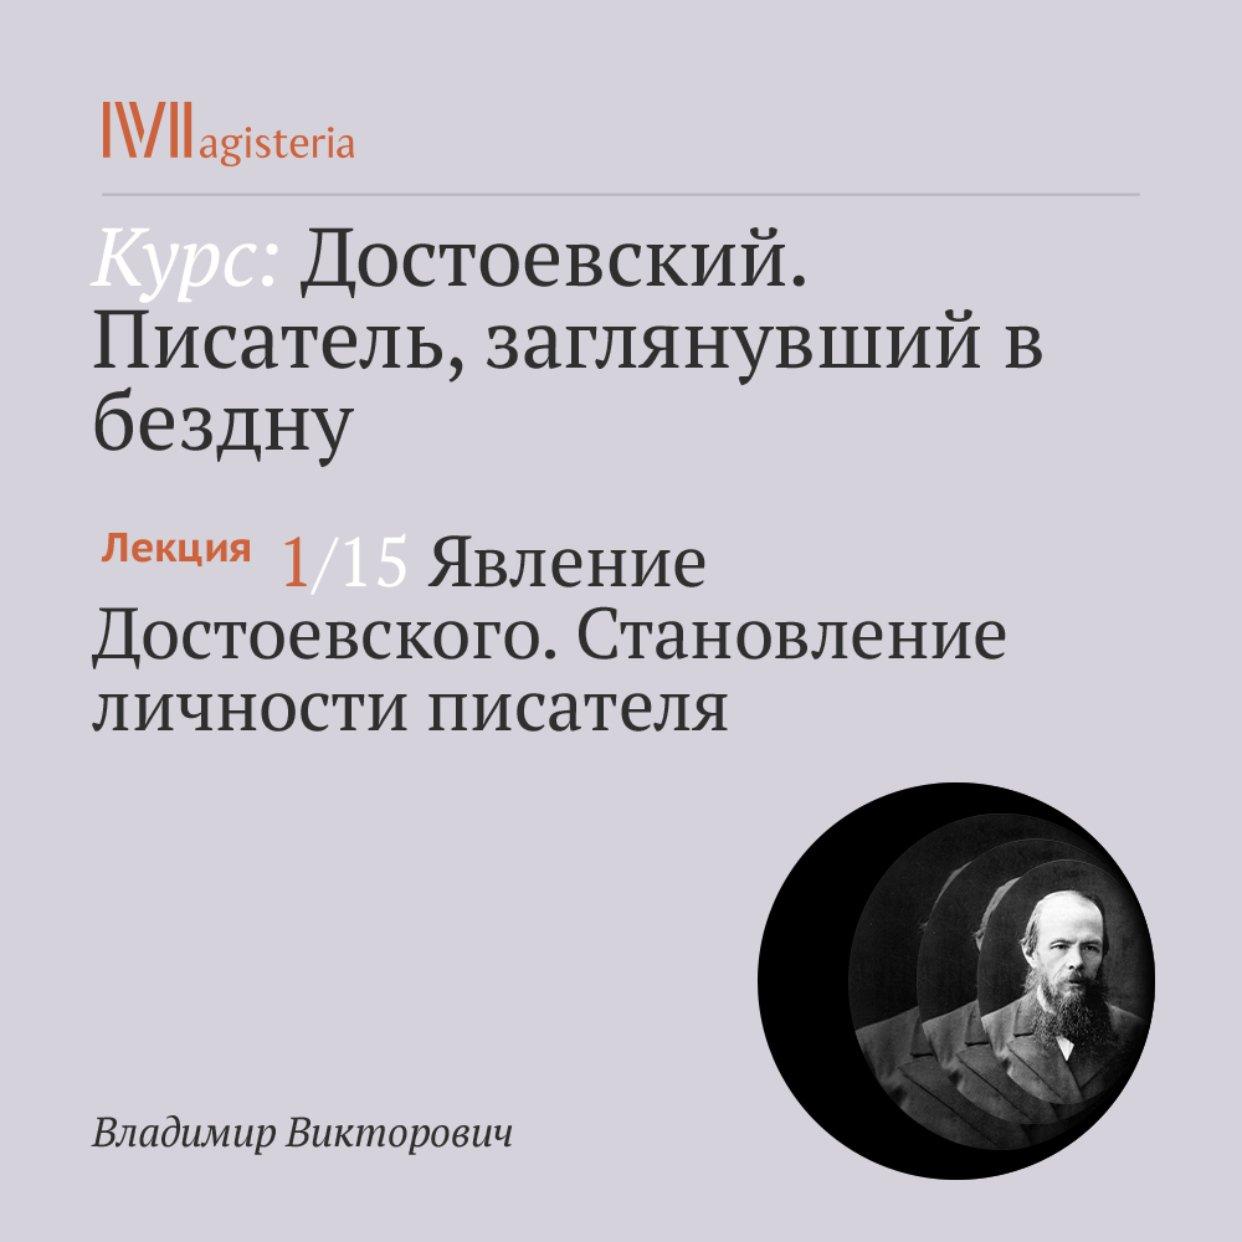 Явление Достоевского. Становление личности писателя